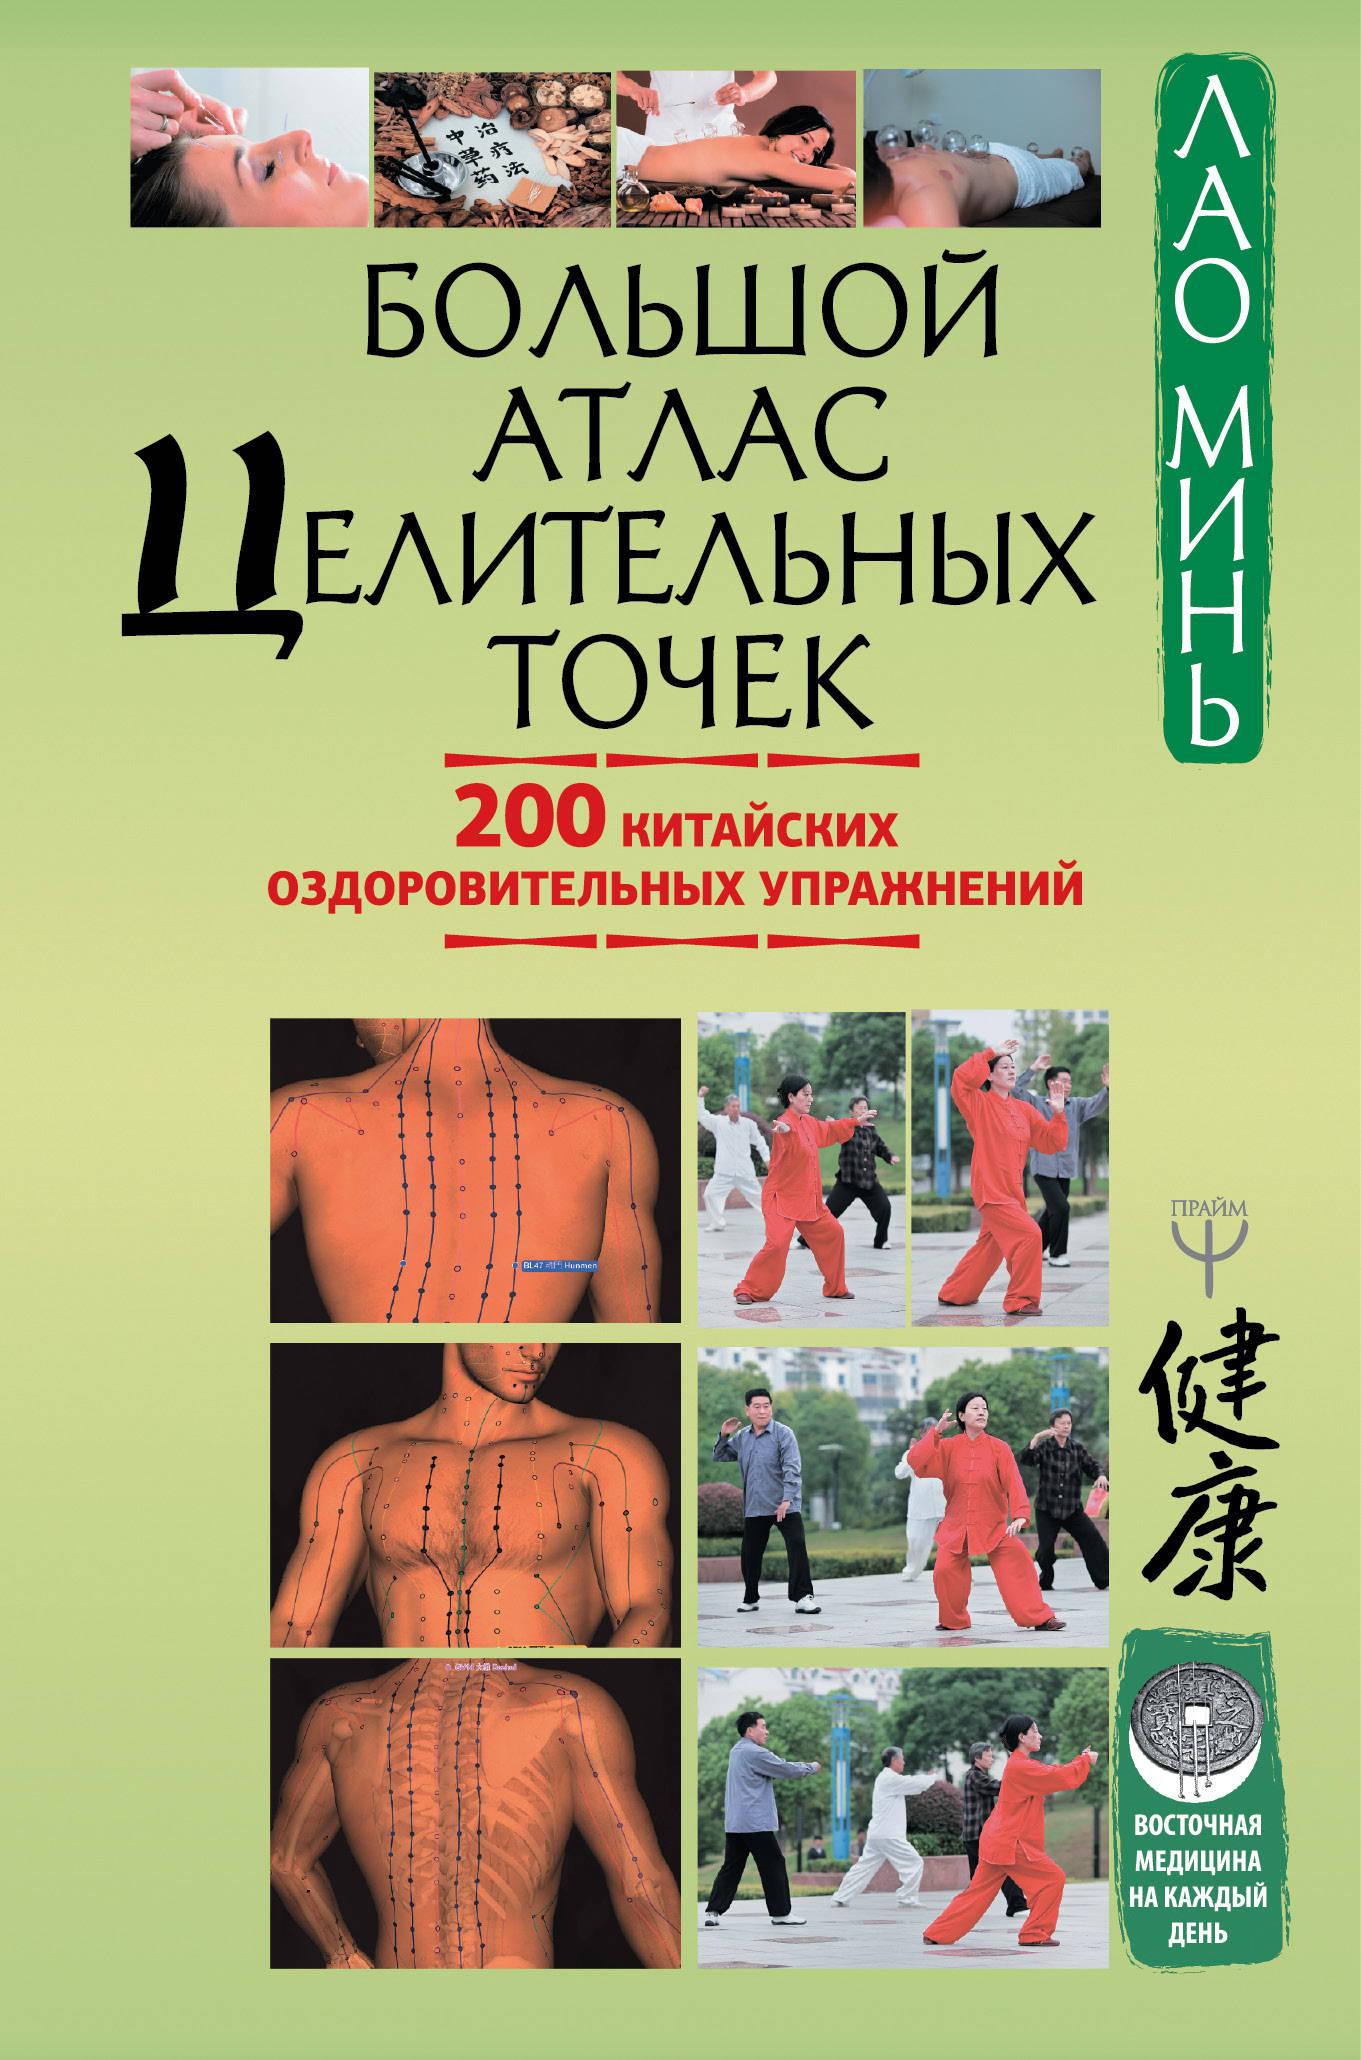 Лао Минь Большой атлас целительных точек. 200 китайских оздоровительных упражнений минь лао большой атлас целительных точек 200 китайских оздоровительных упражнений